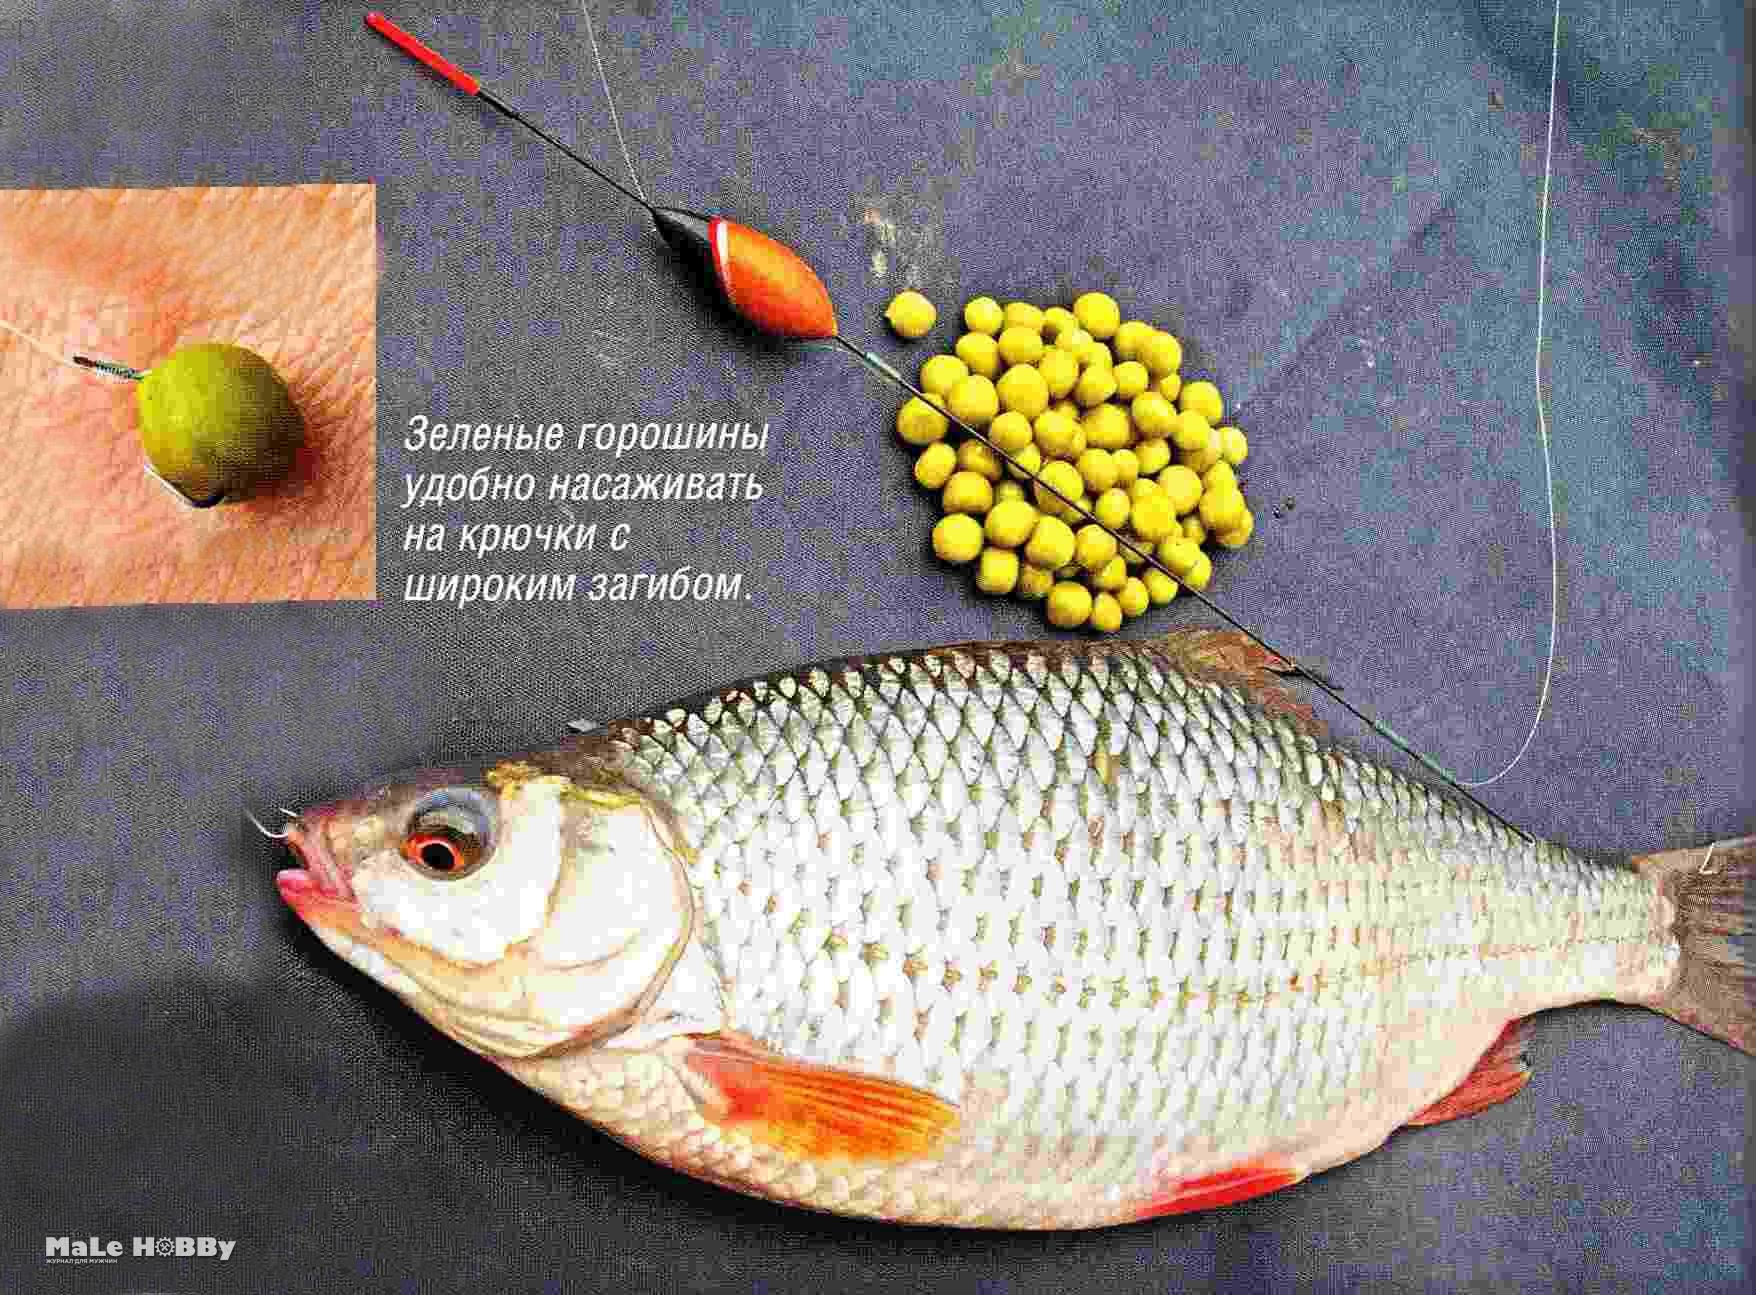 Ловля плотвы - наживки и снасть: 28 советов для рыбаков 34